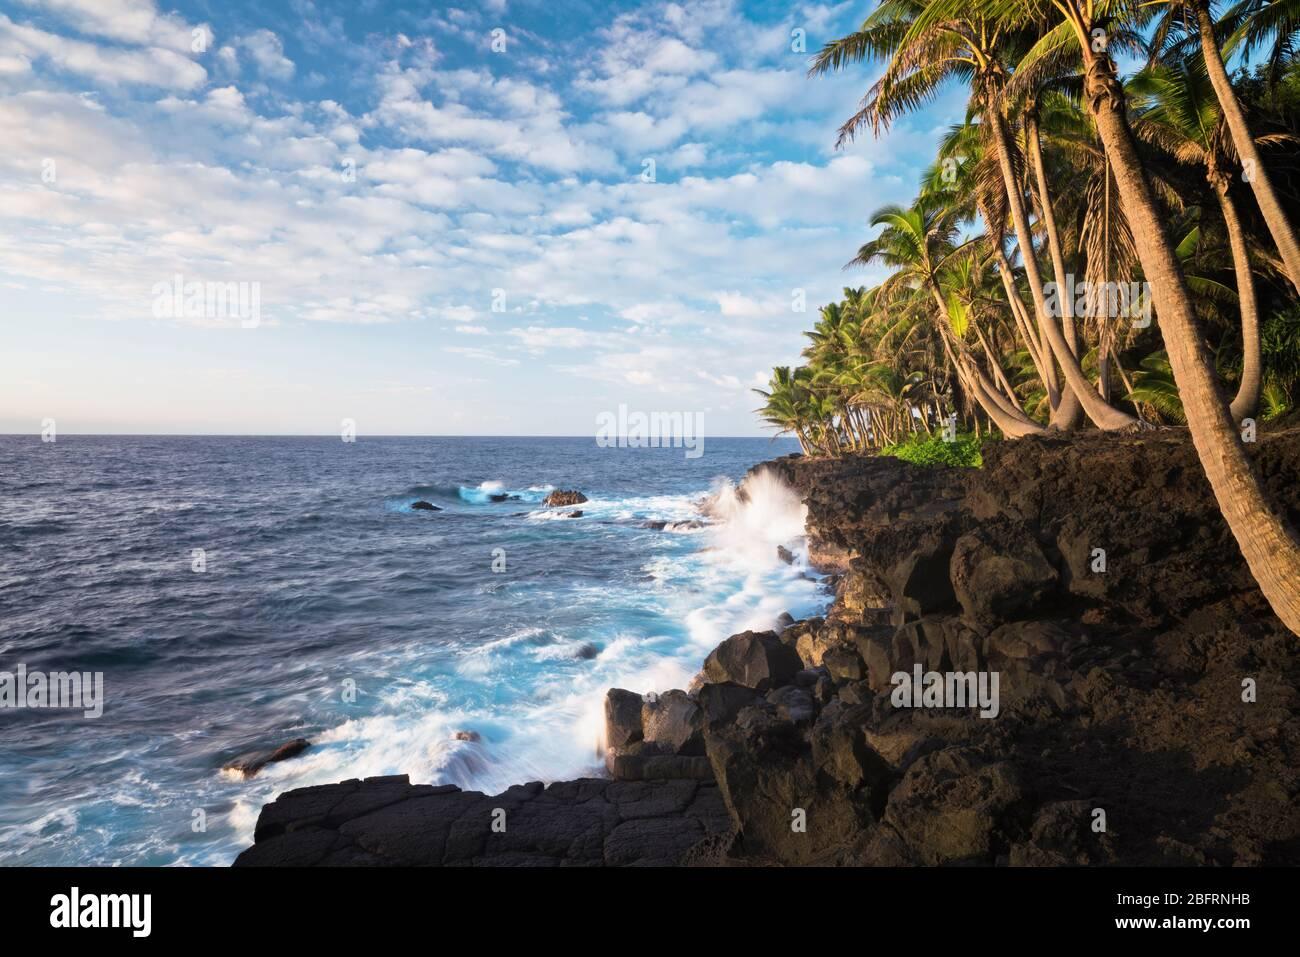 Beauté matinale avec des vagues de crash contre le littoral de lave et la côte de Puna bordée de palmiers sur la Grande île d'Hawaï. Banque D'Images